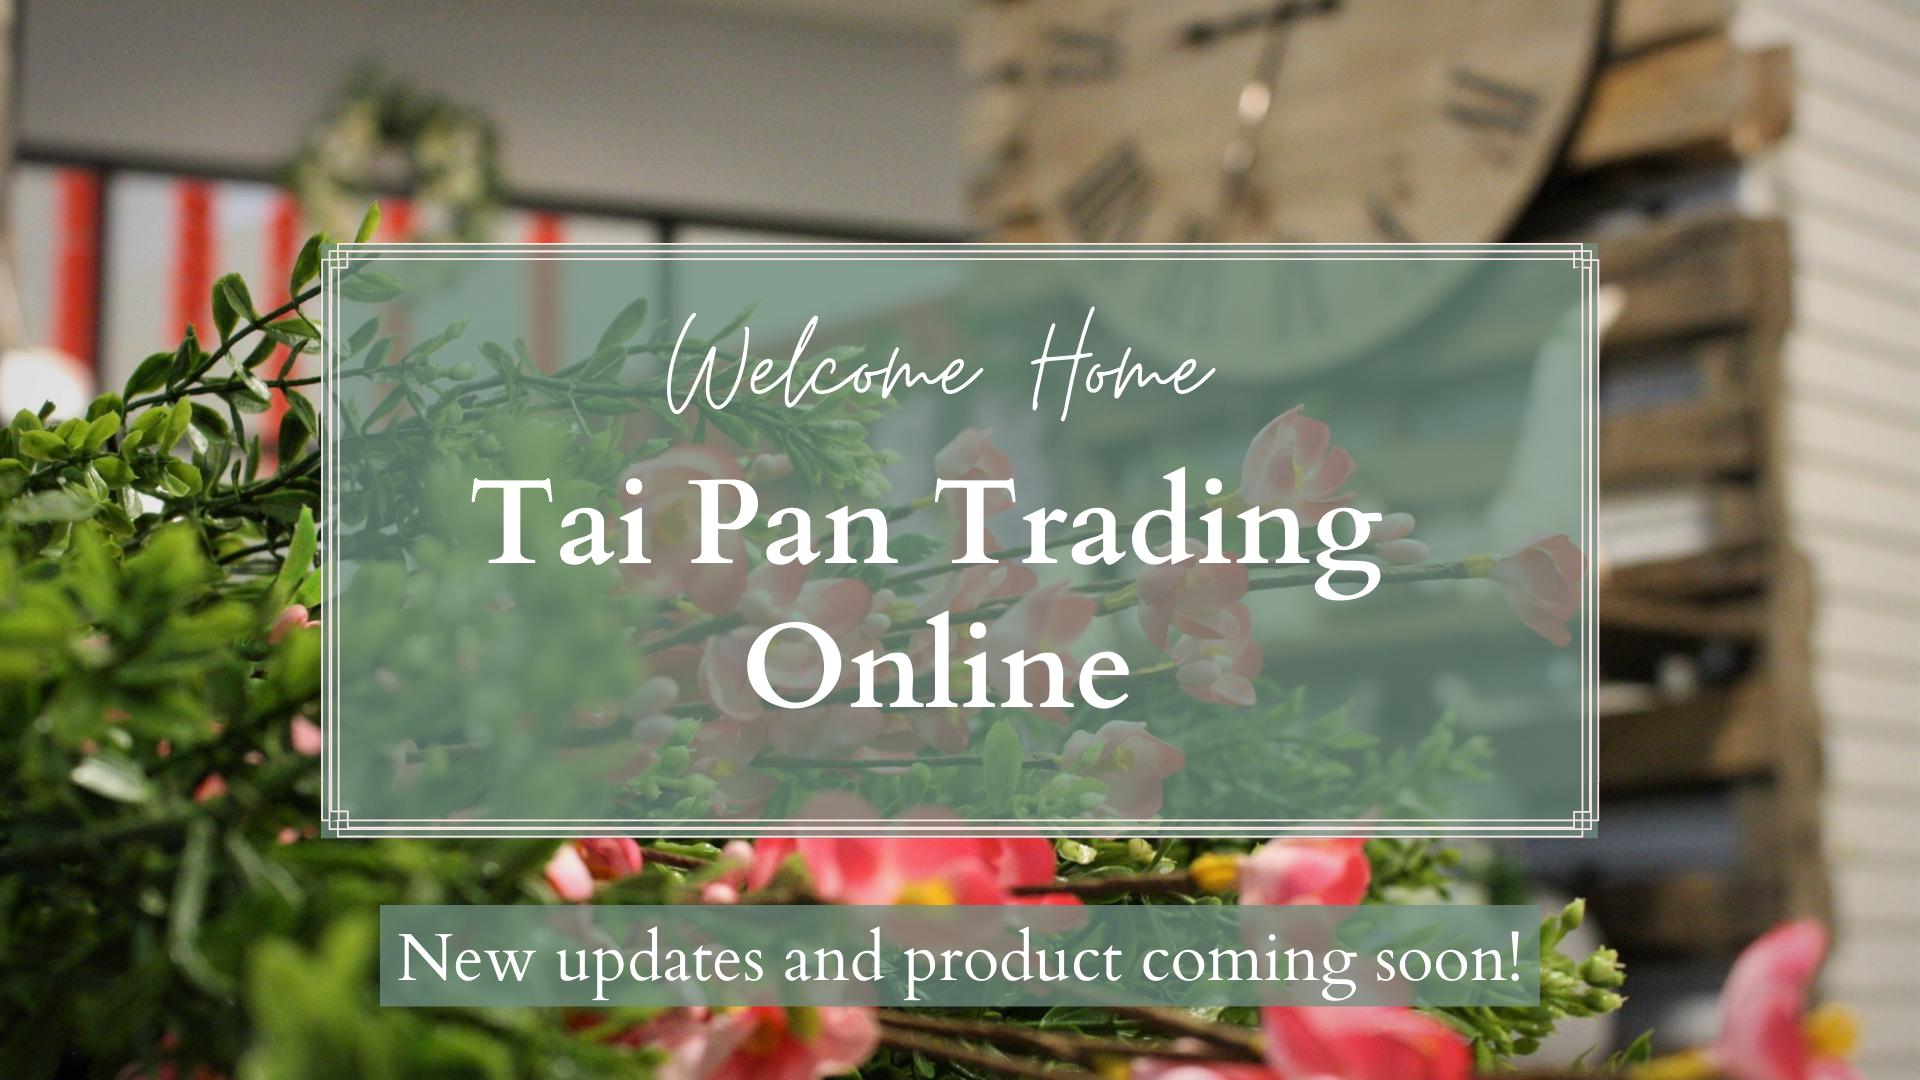 Tai Pan Trading Online